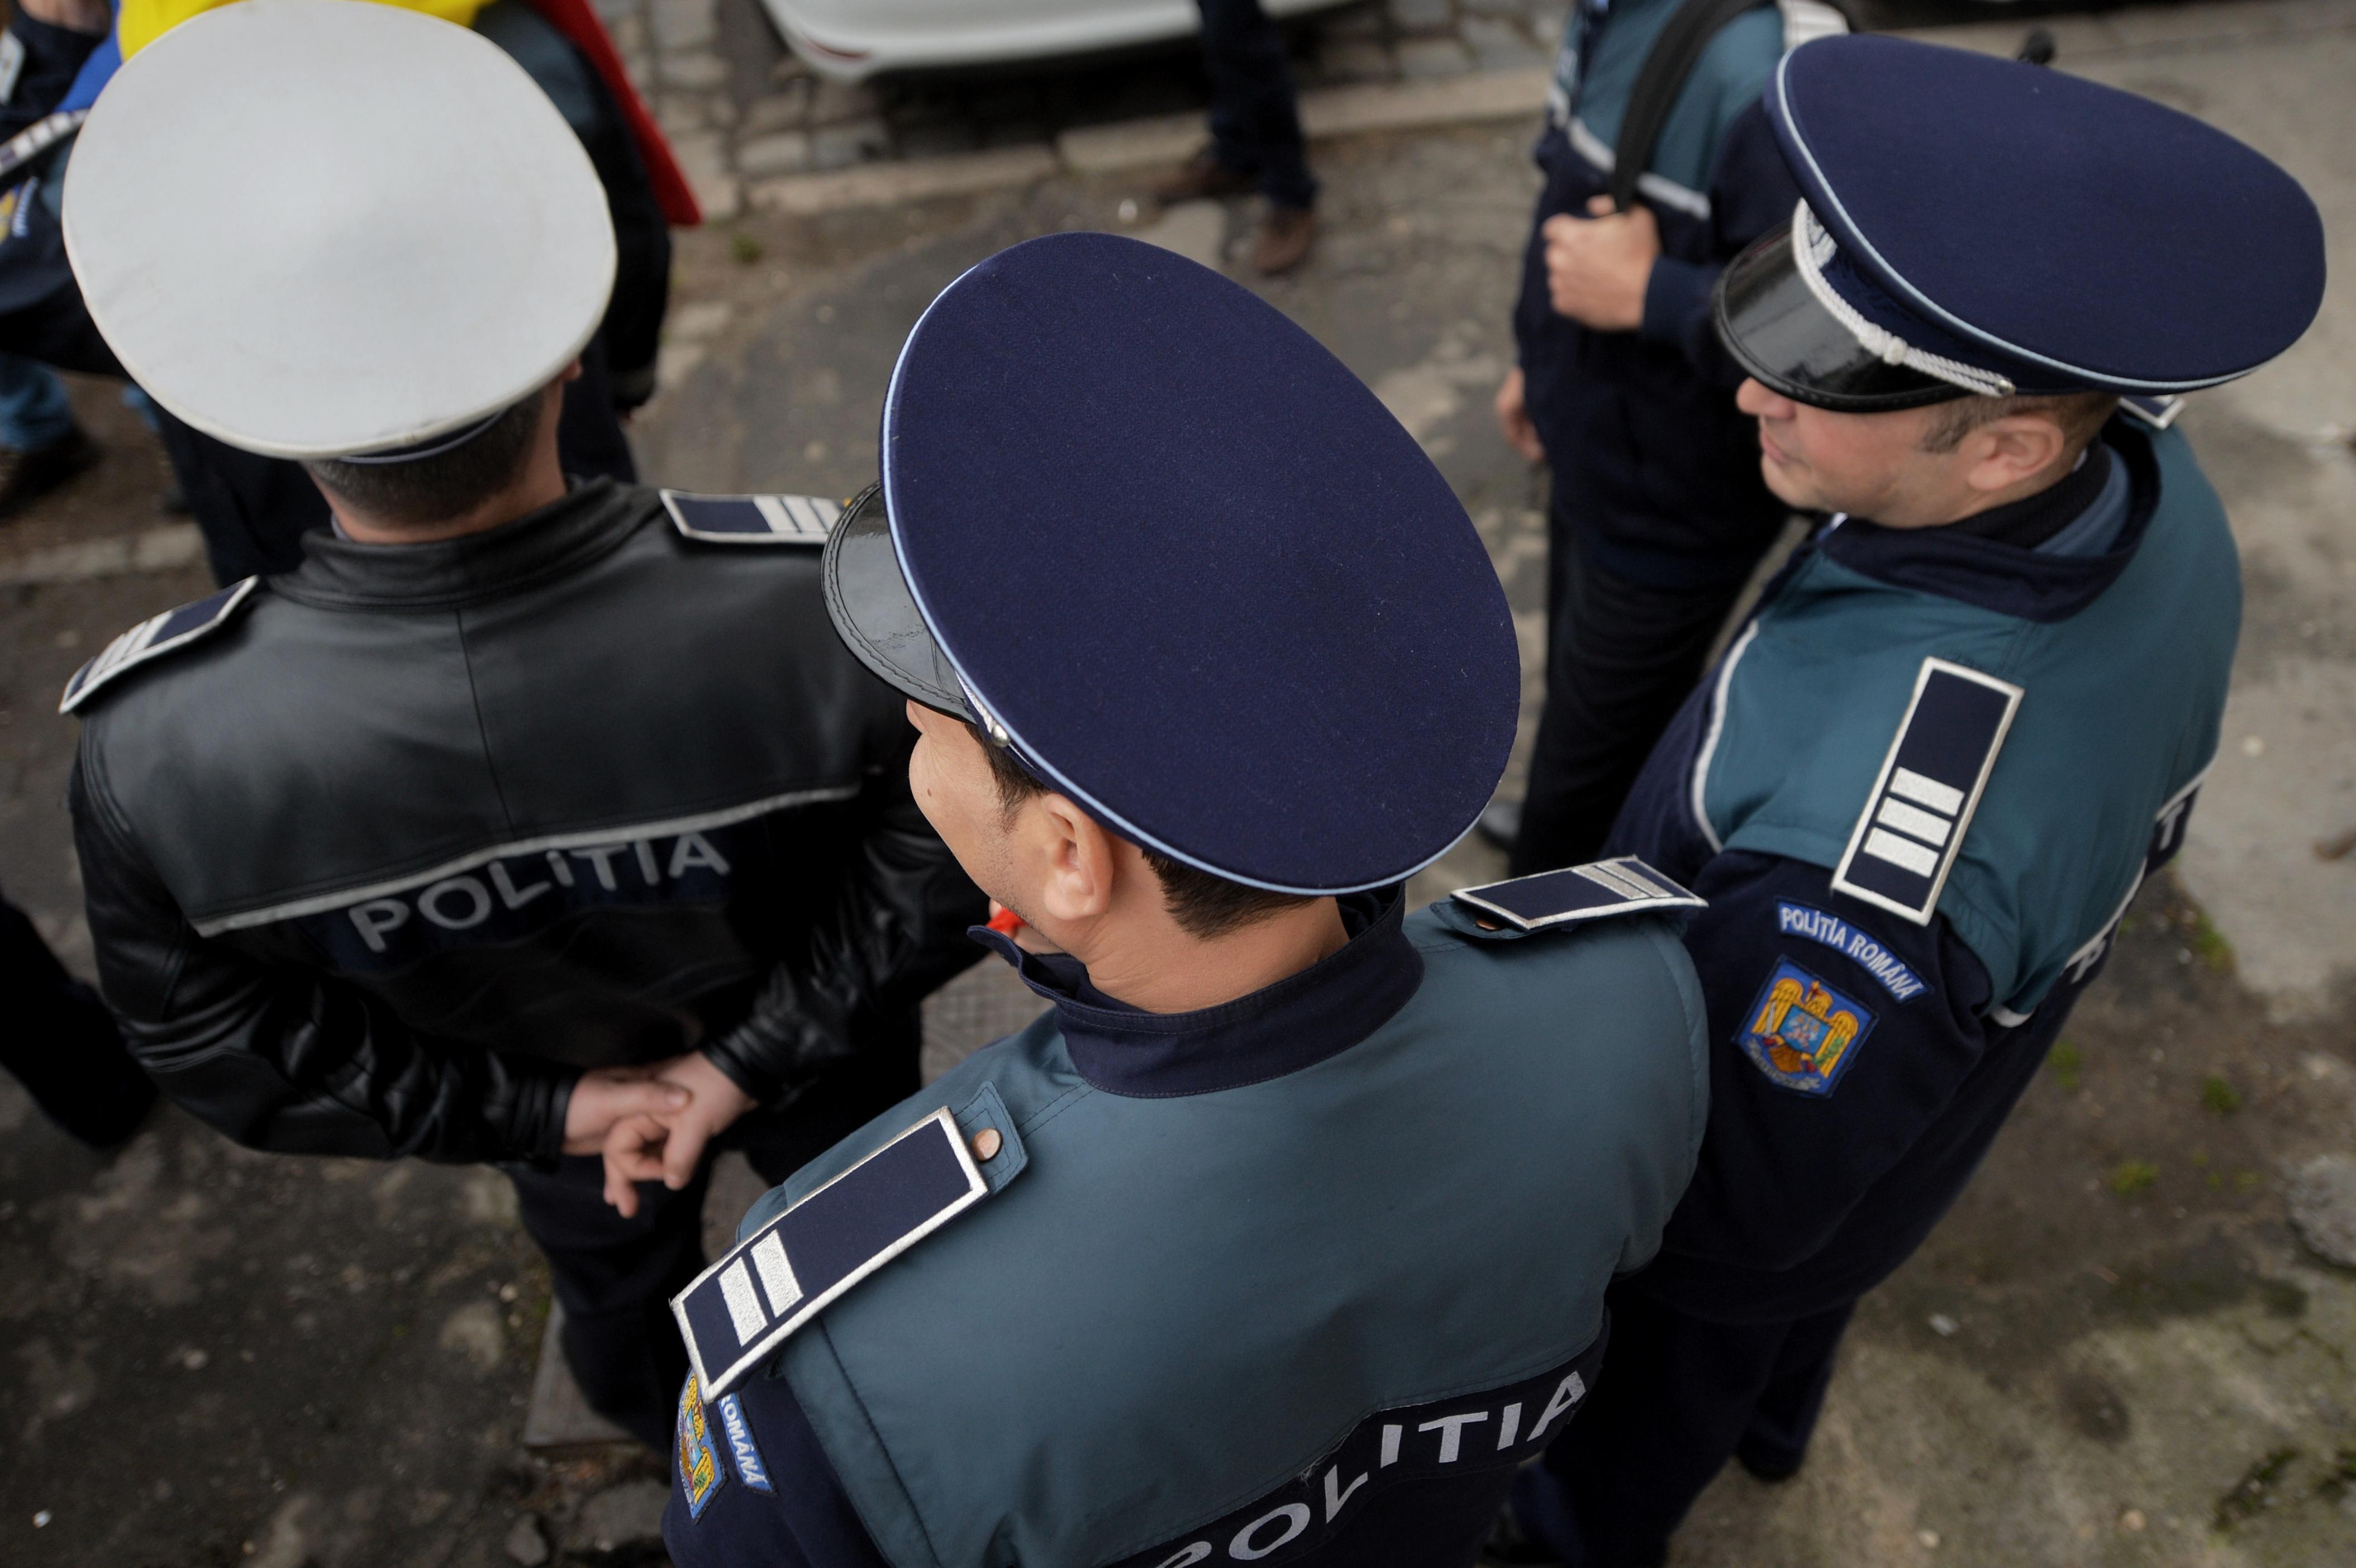 Cinci fraţi din Vâlcea,`adoptaţi` de o secţie de Poliţie. Fata cea mai mare creşte copiii mamei sale